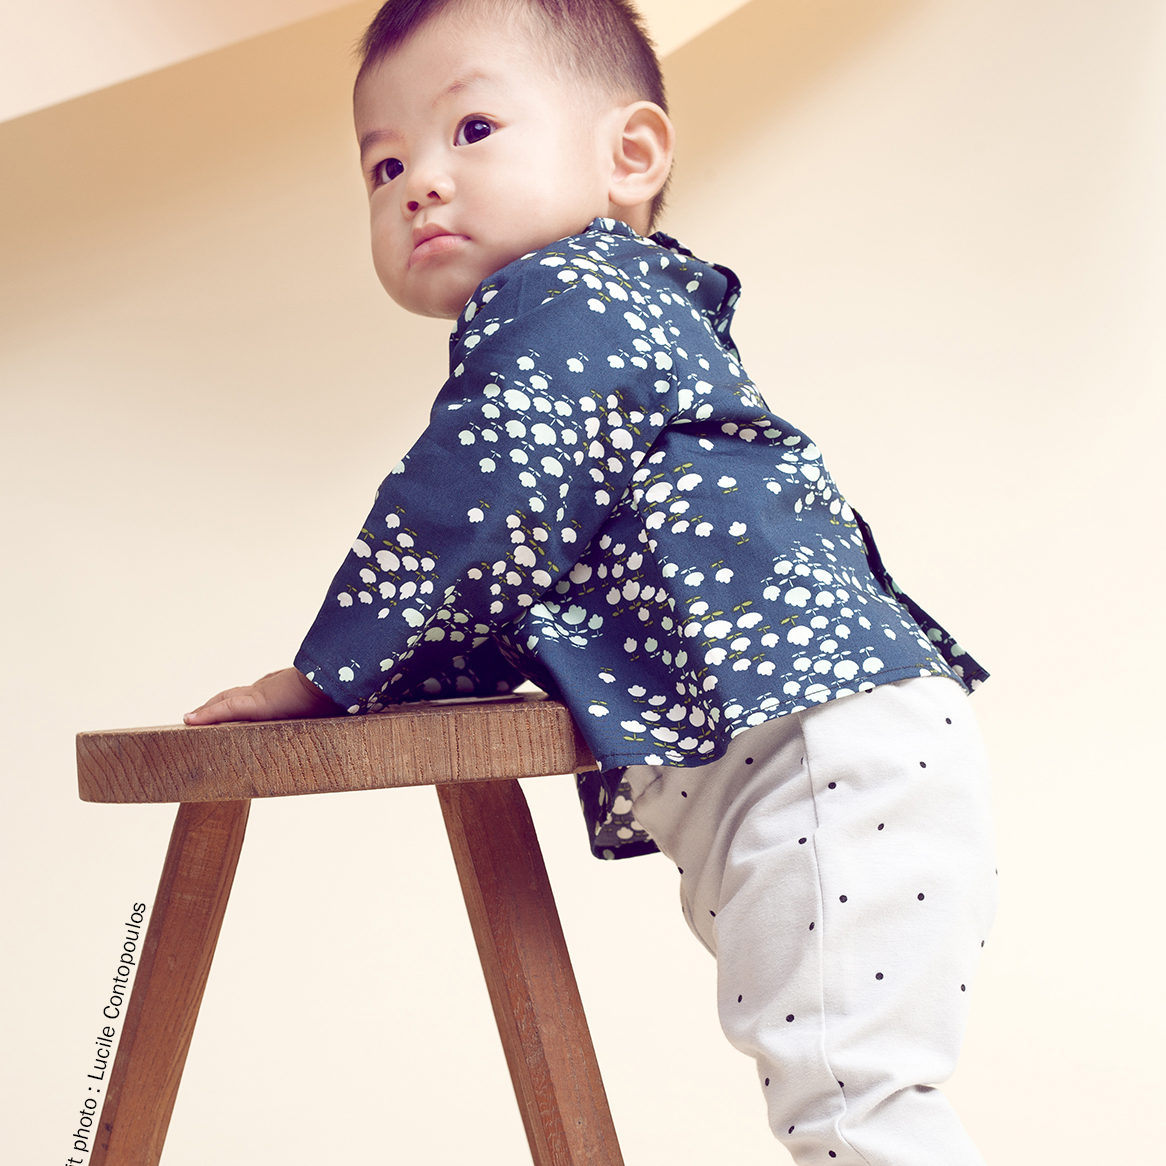 mode bebe, mode enfant, vetement bebe, vetement enfant, collection automne, mode francaise, cadeau naissance, liste naissance, grossesse, bebe fille, bebe garcon, bilboquet, reveillon noel